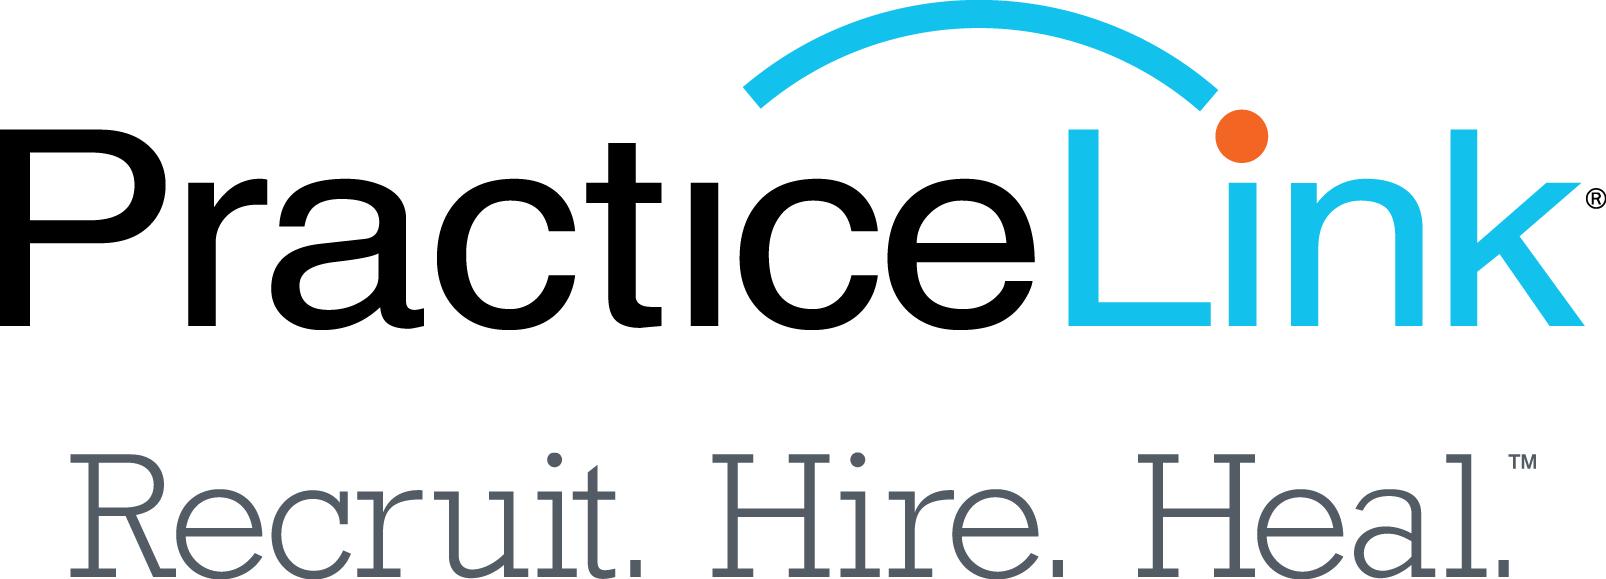 PracticeLinkLogo2017